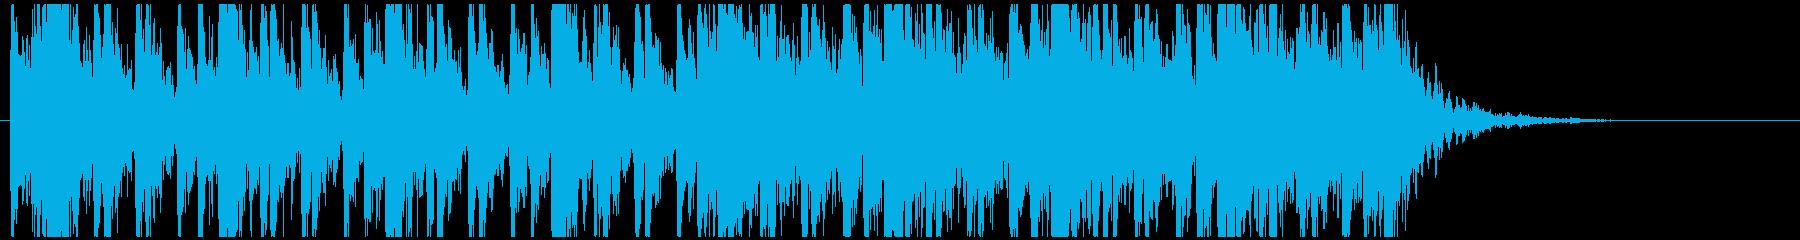 和太鼓のフレーズ3 残響ありBPM130の再生済みの波形